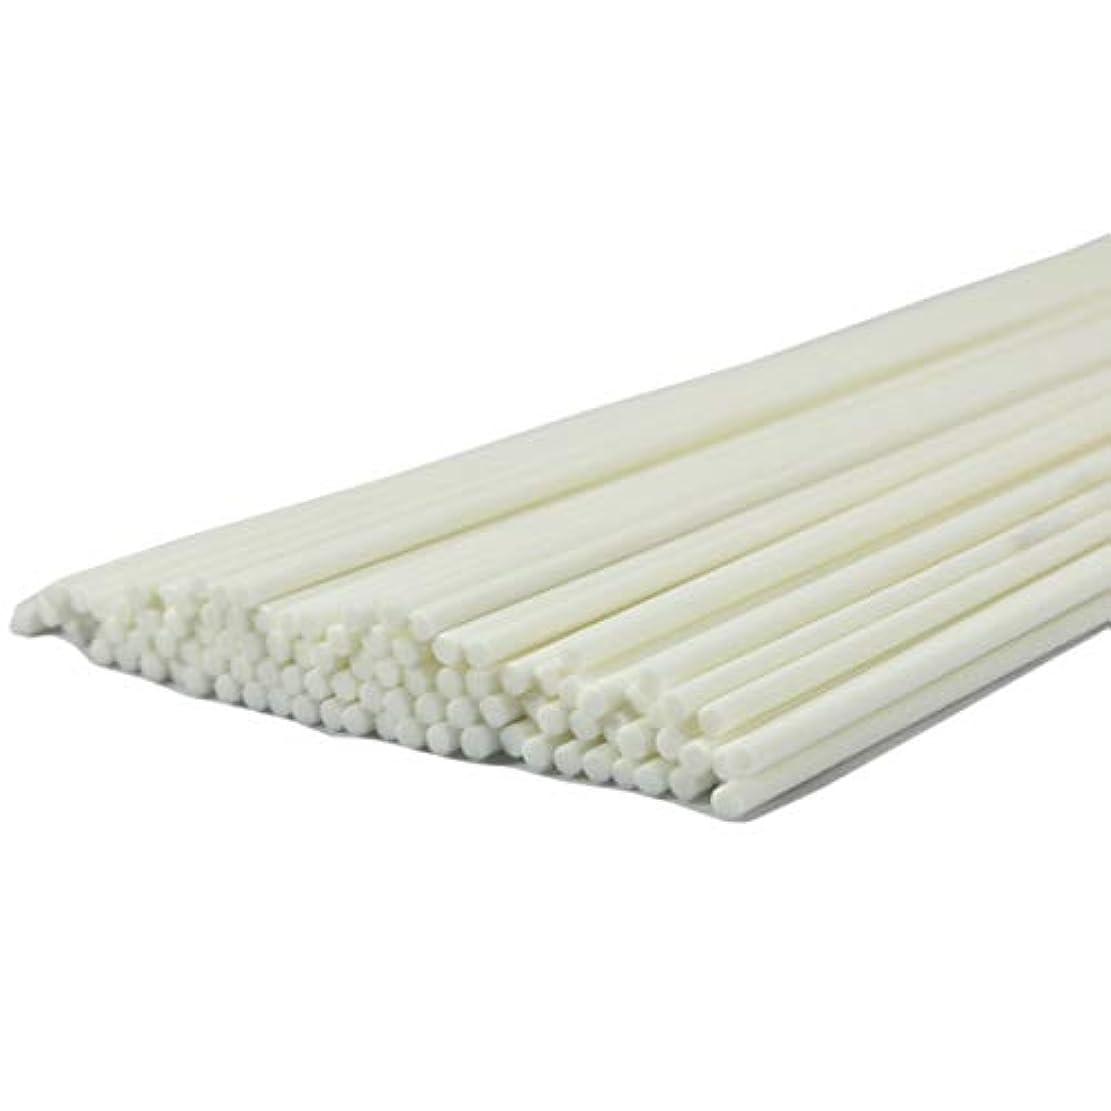 記述する風邪をひくひどく50本入アロマファイバーディフューザー交換用スティック(30cm*4mm,白)